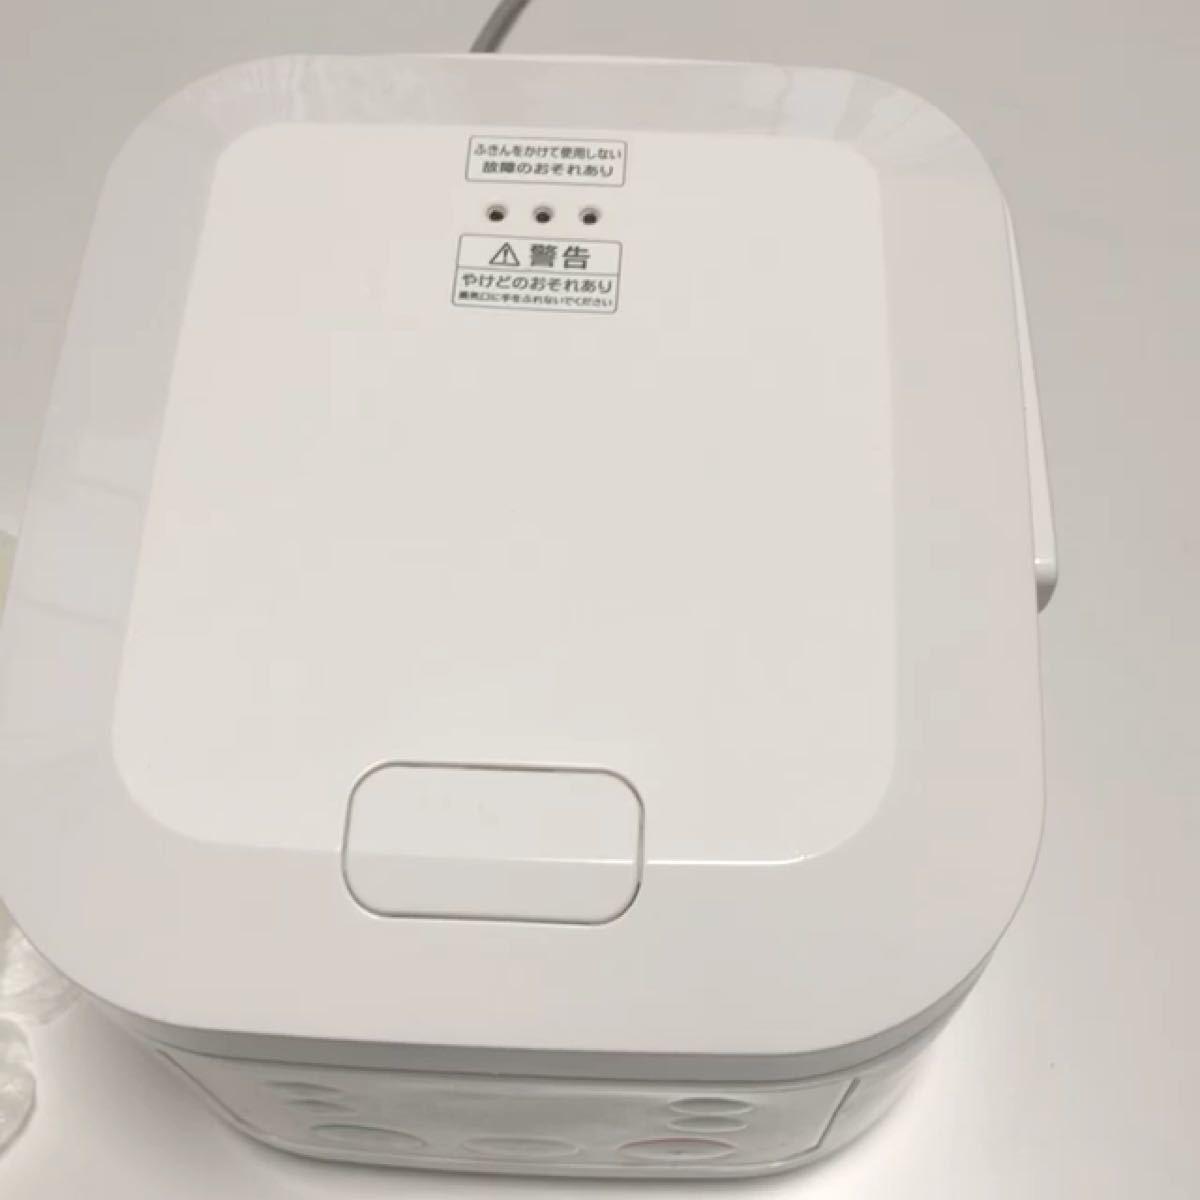 炊飯器、スイハンキ、動作確認済み、ハイアール マイコンジャー炊飯器(3合炊き)ホワイトHaier JJ-M30C-W、送料込み